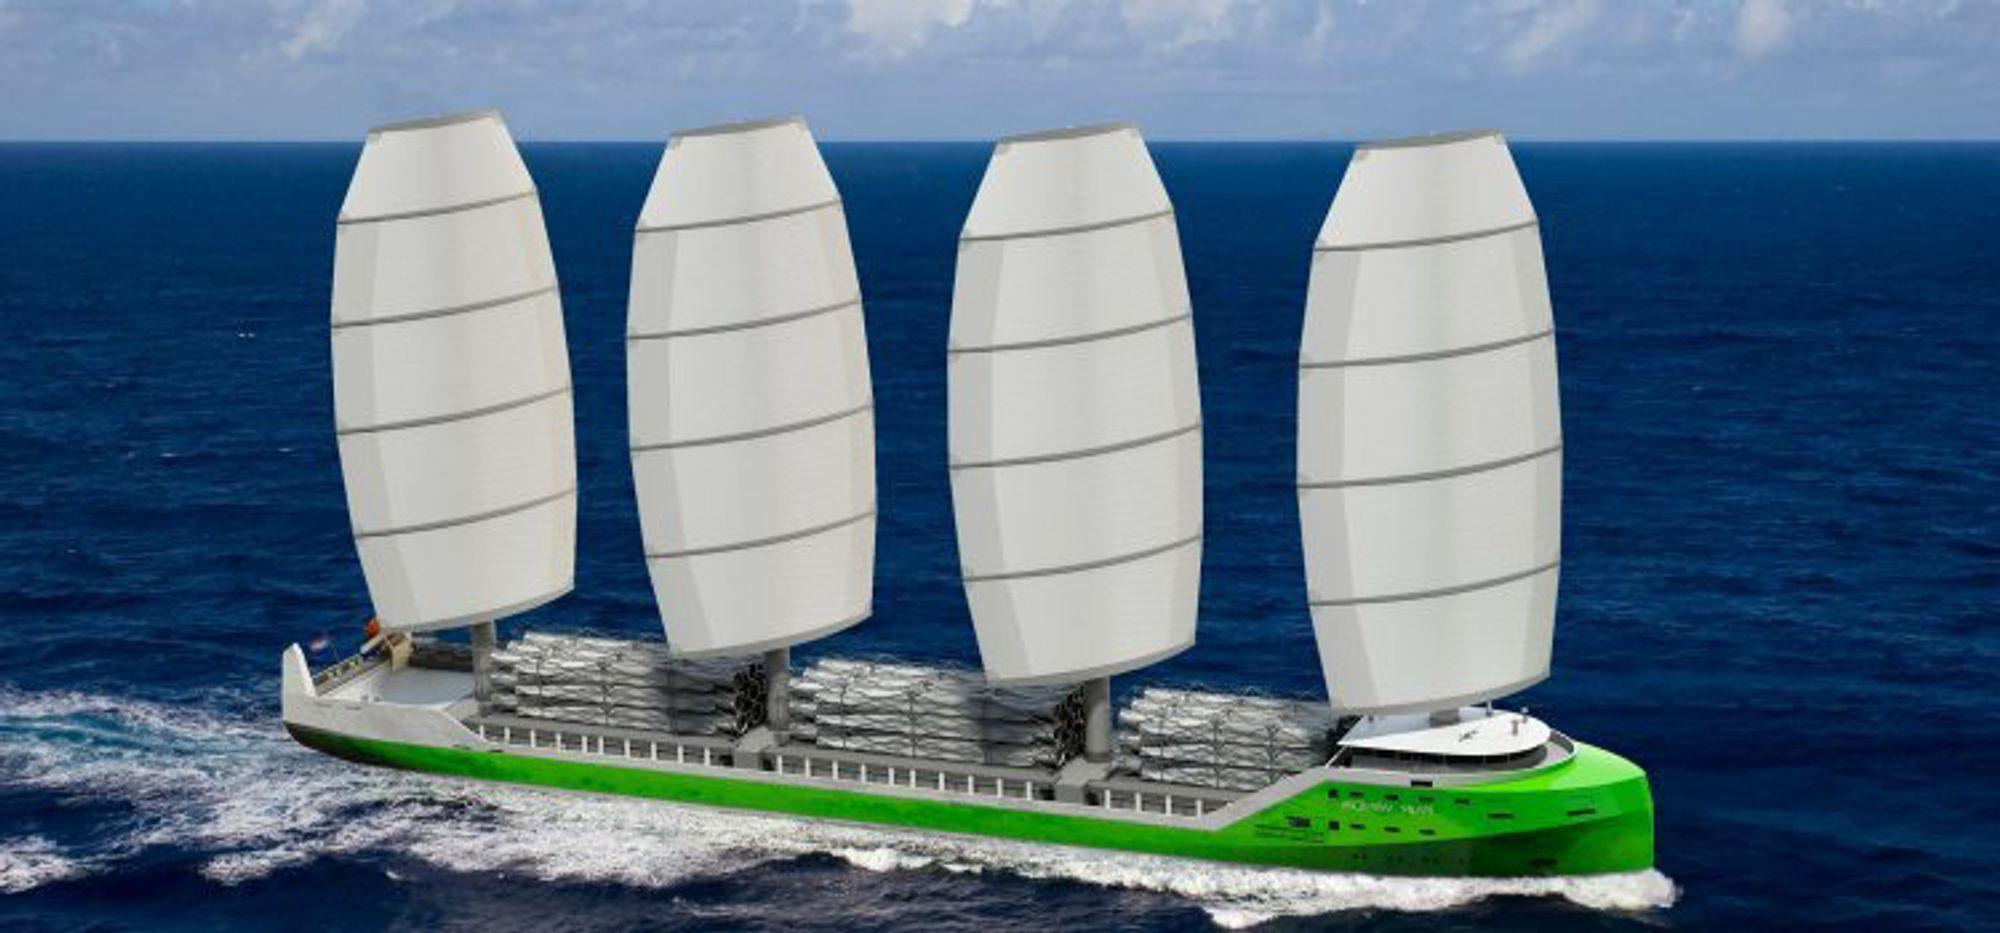 Et firemastet frakteskip hvor mastene er satt opp i en såkalt DynaRig som gjør at seilene kan fjernstyres elektronisk. De kan settes eller reves på syv minutter.